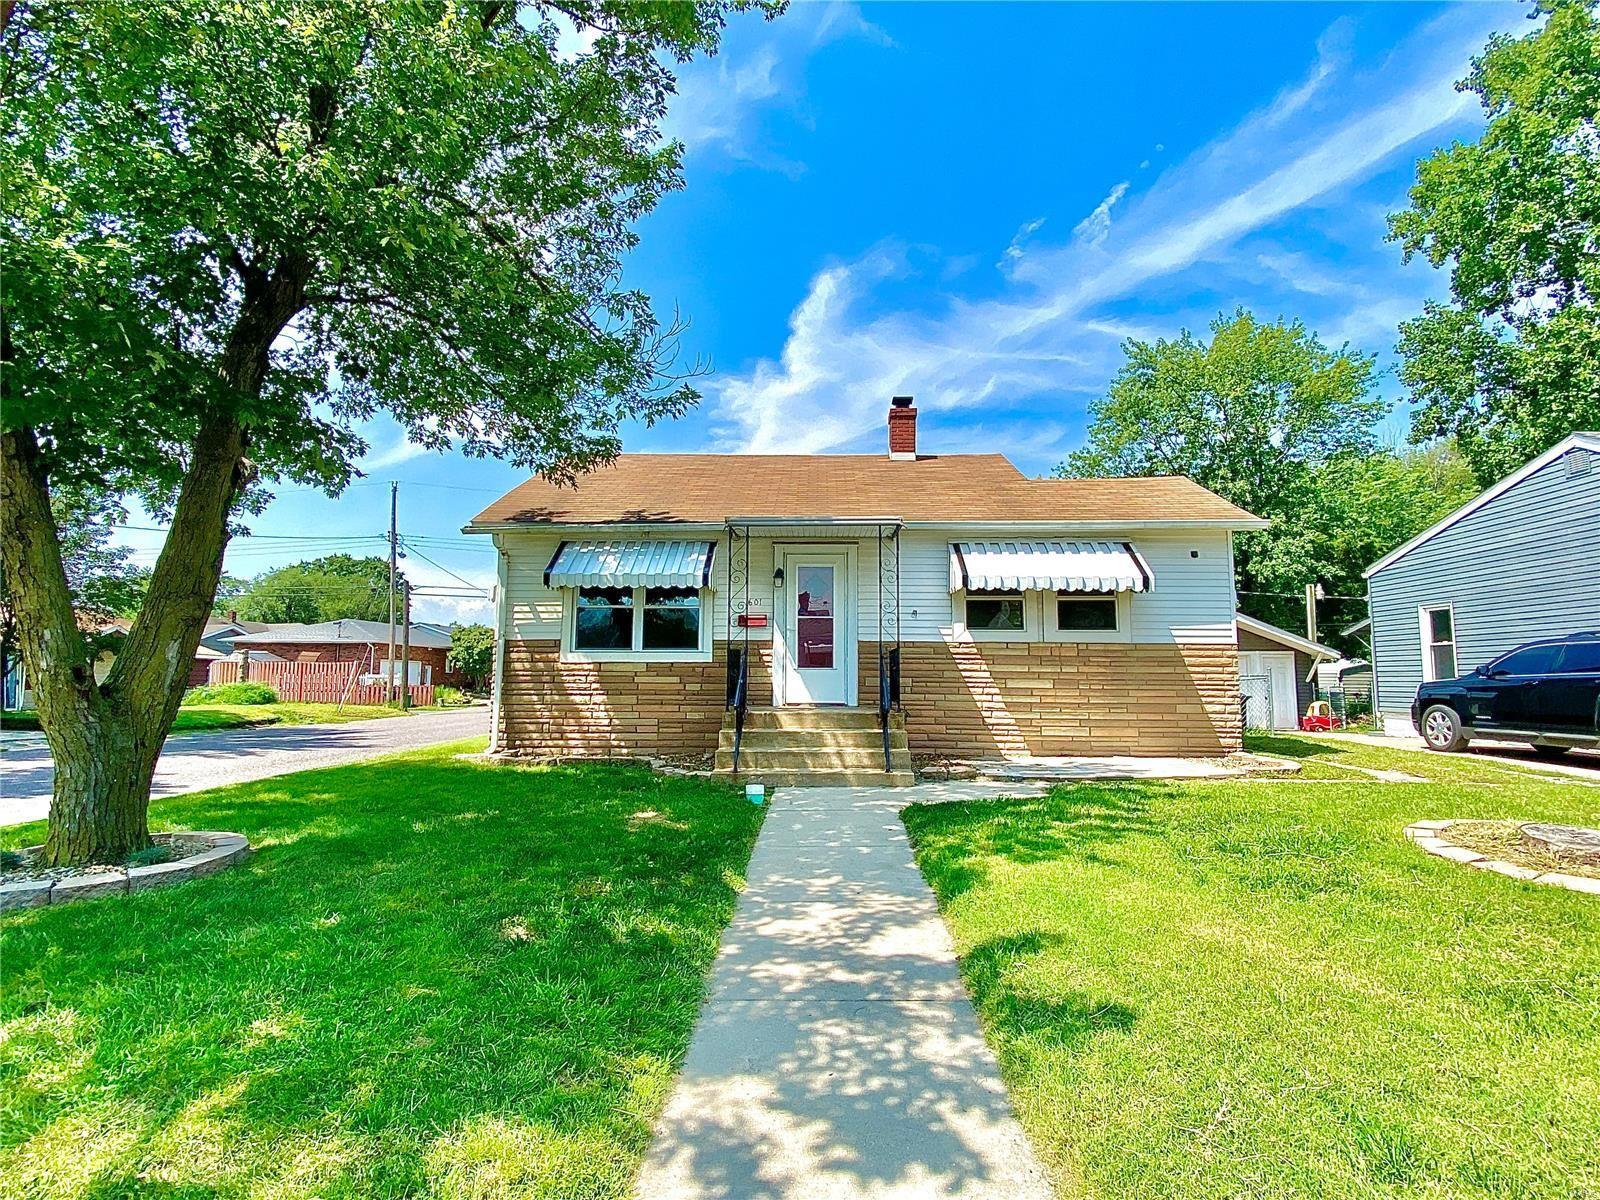 601 LINCOLN, East Alton, IL 62024 - MLS#: 21060158